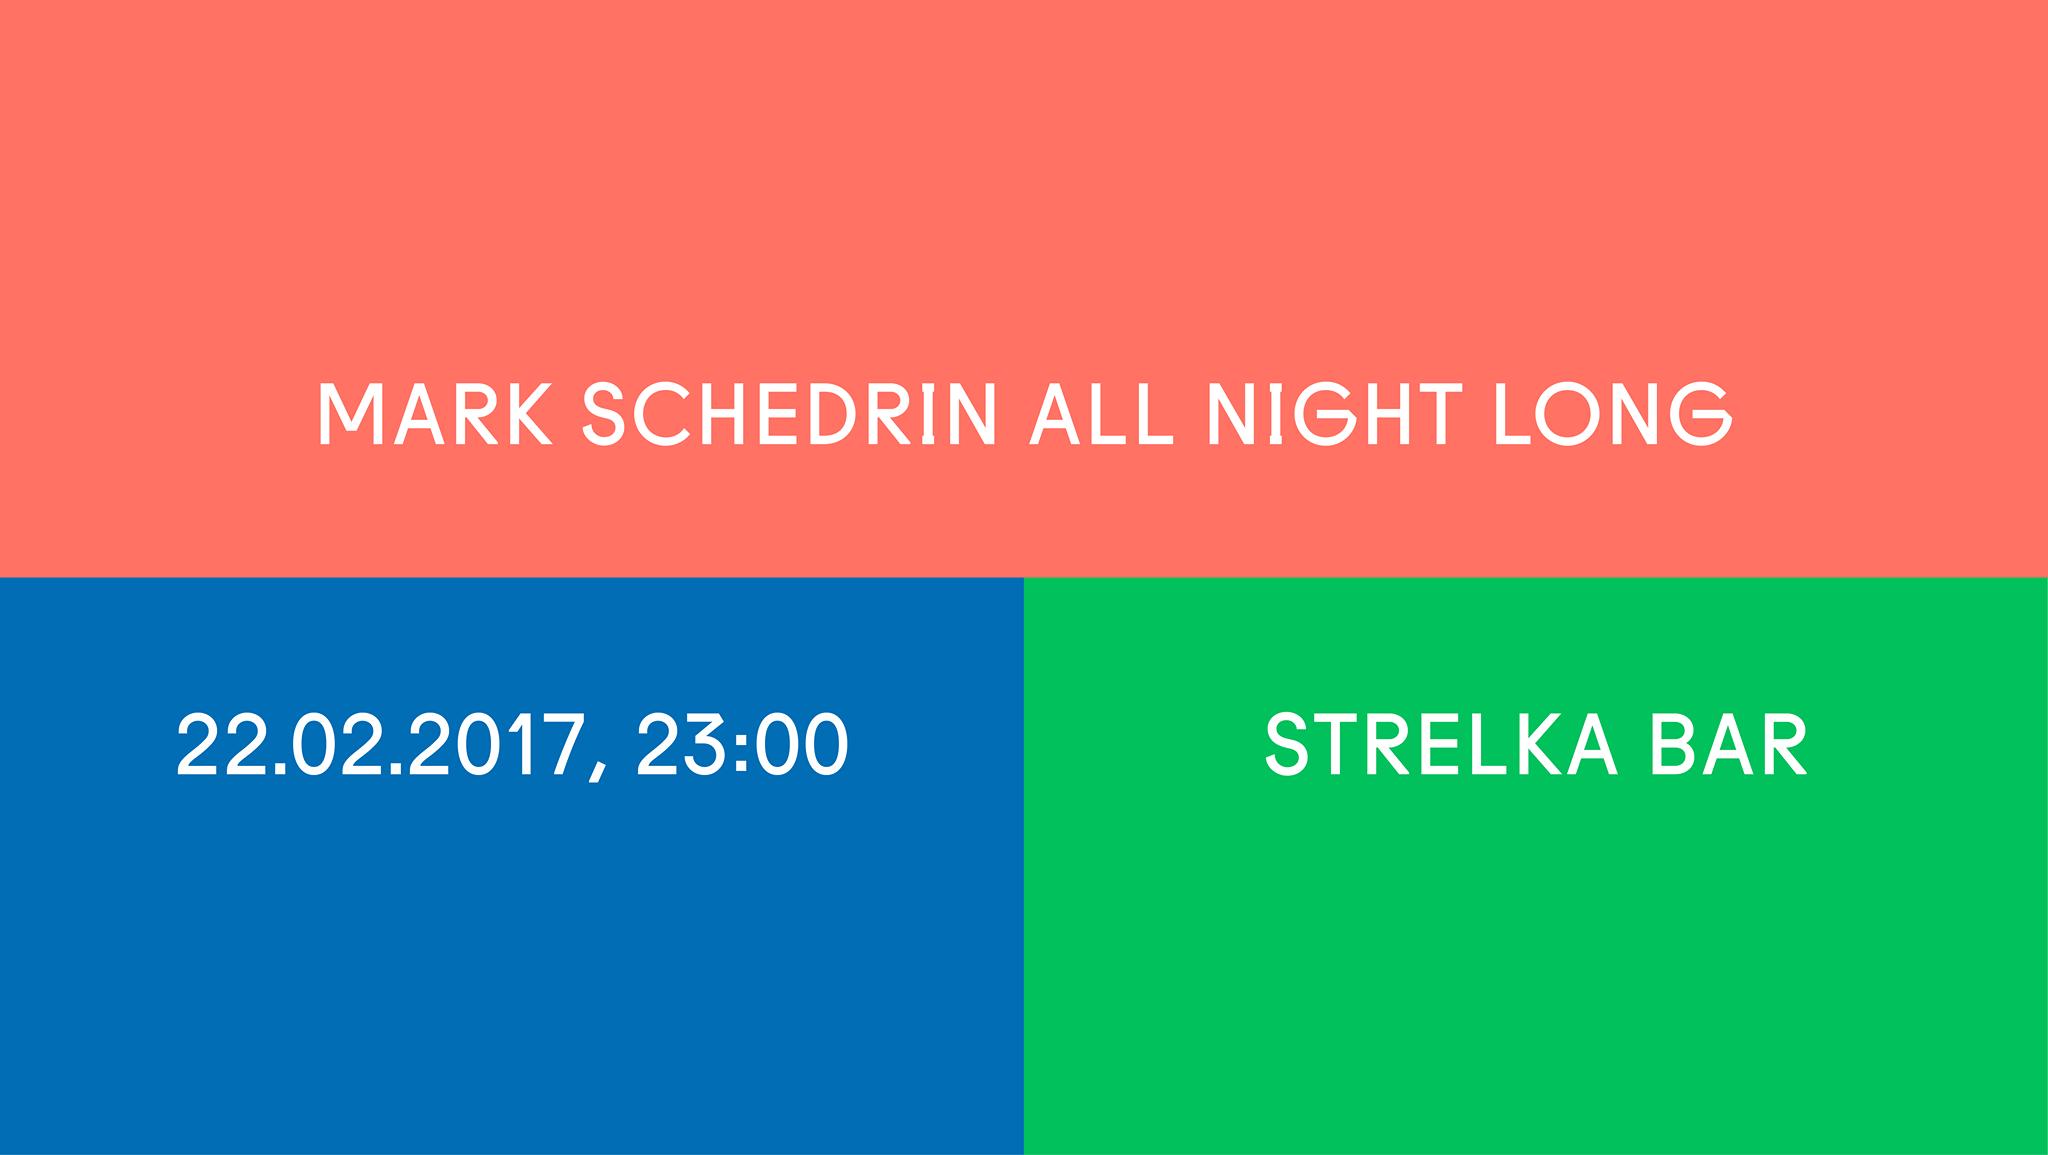 Strelka Bar